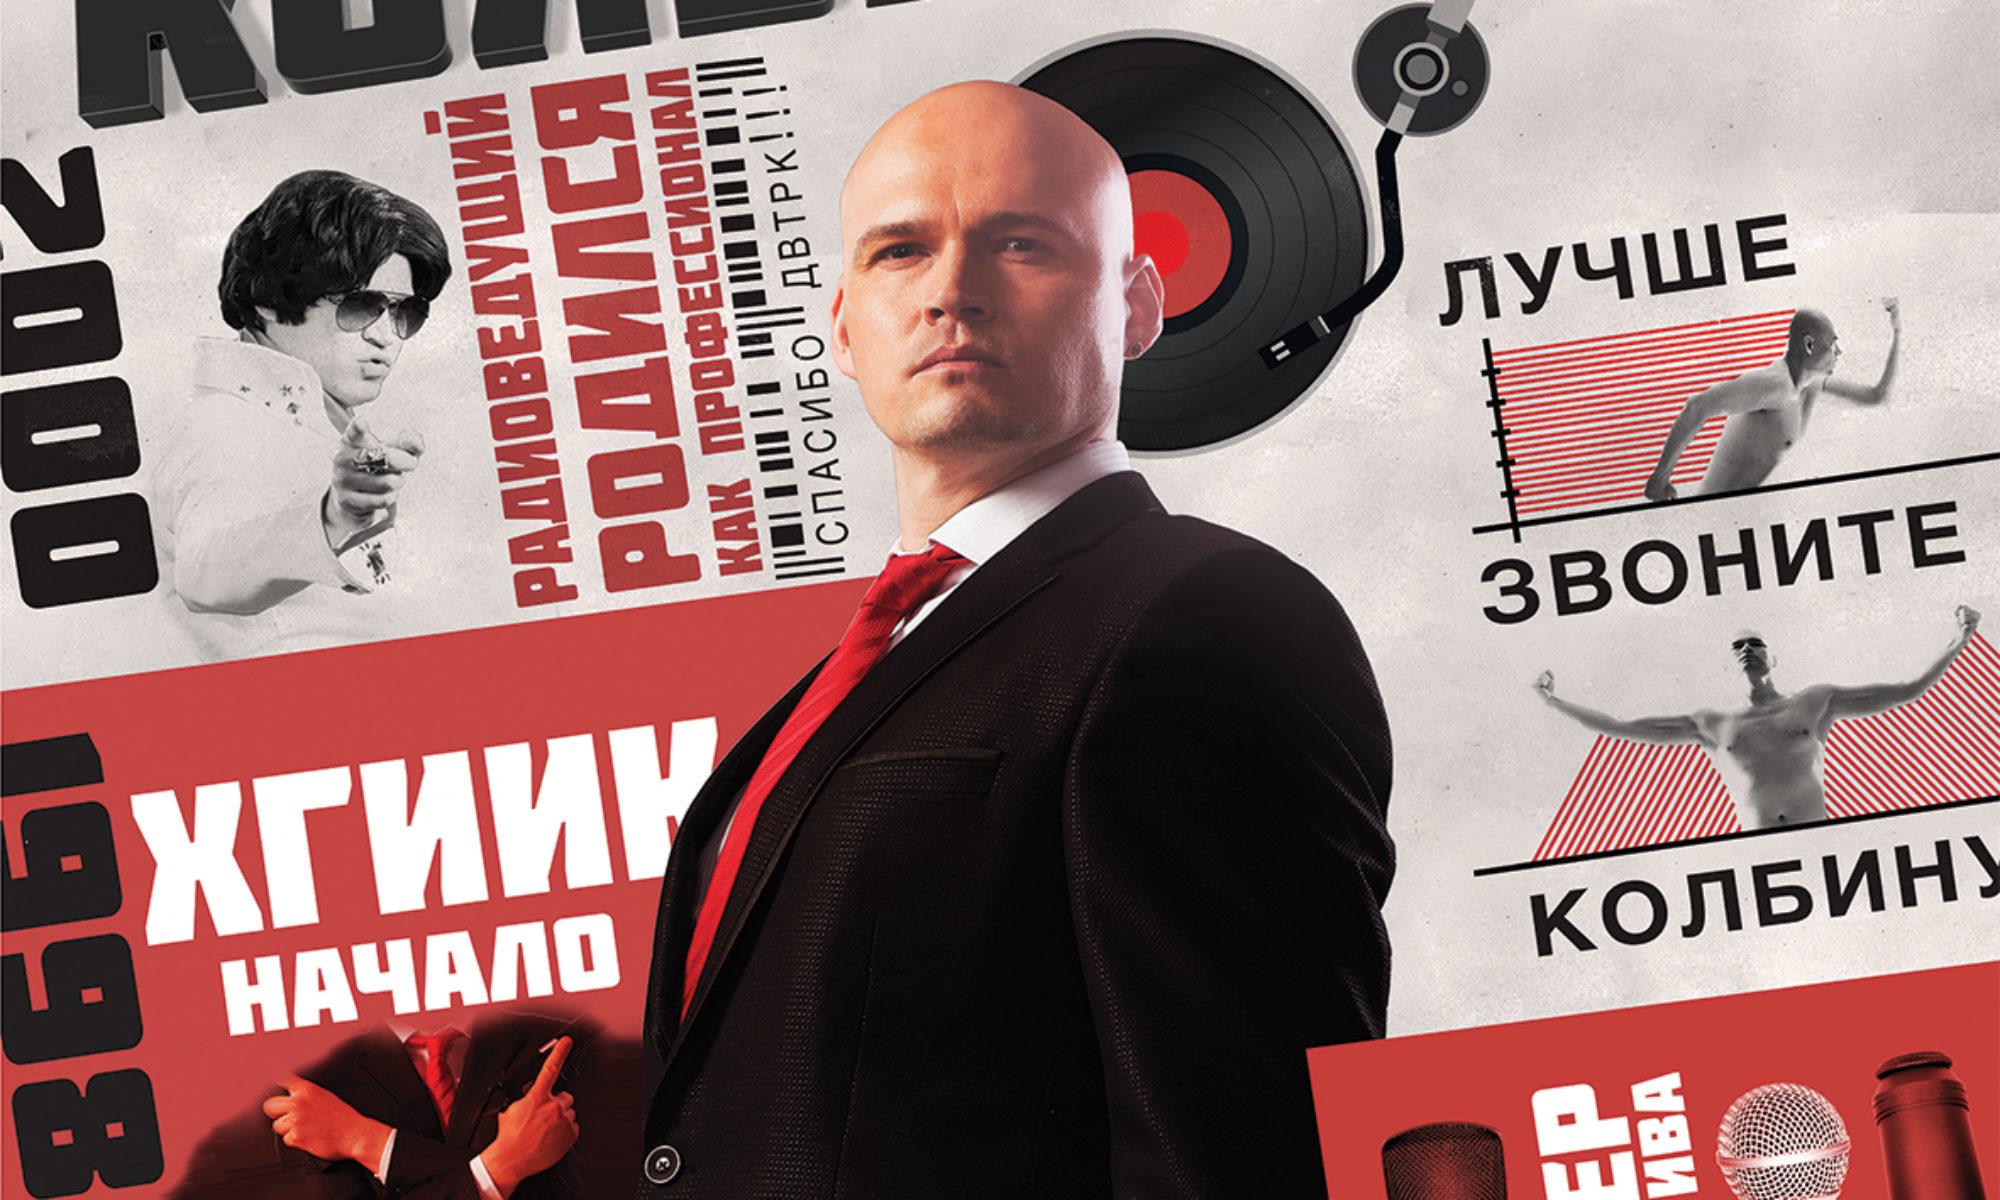 Ведущий Дмитрий Колбин